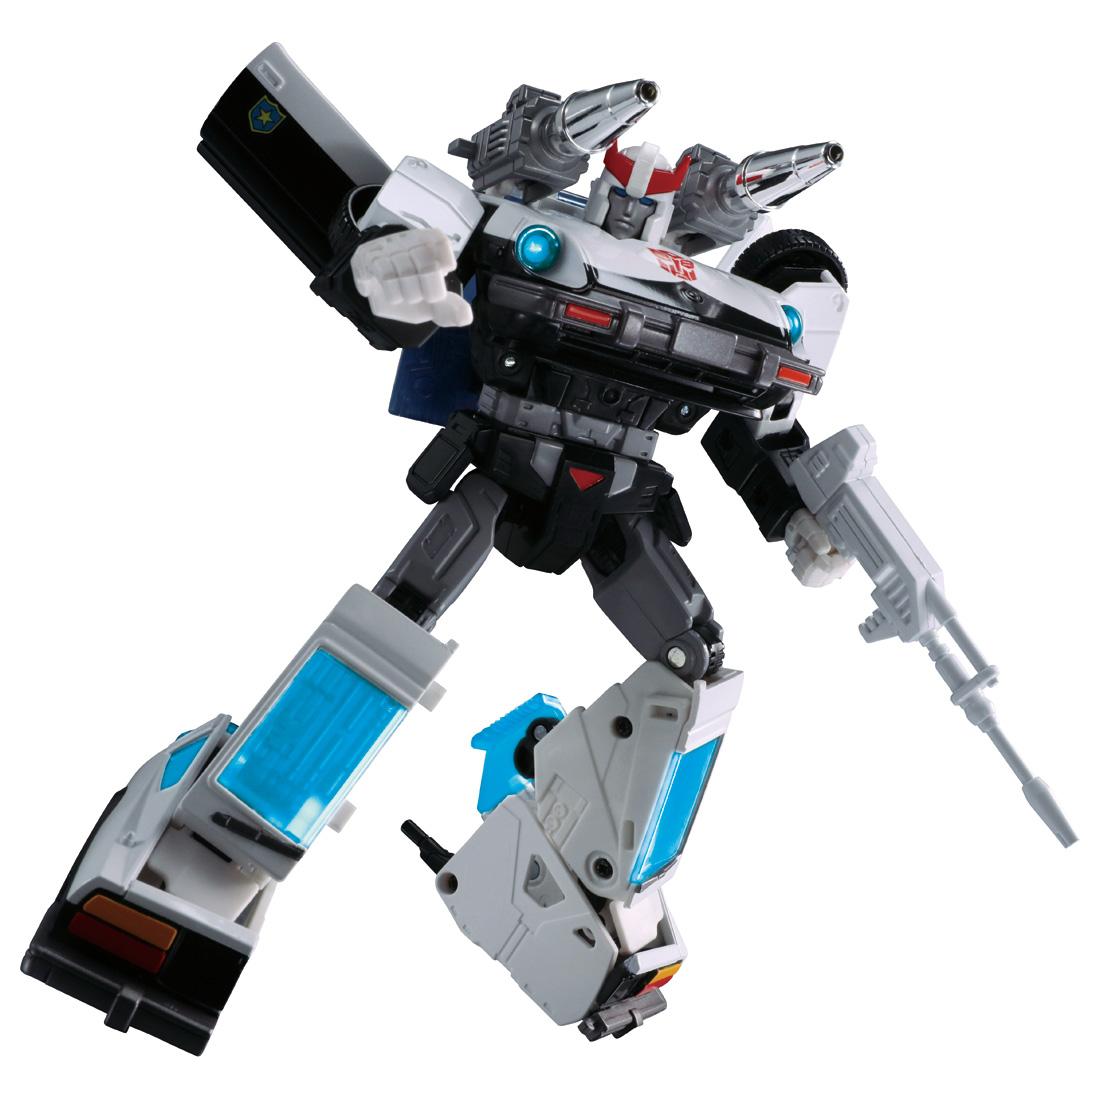 【蔵出し再販】トランスフォーマー マスターピース『MP-17+ プロール』可変可動フィギュア-004